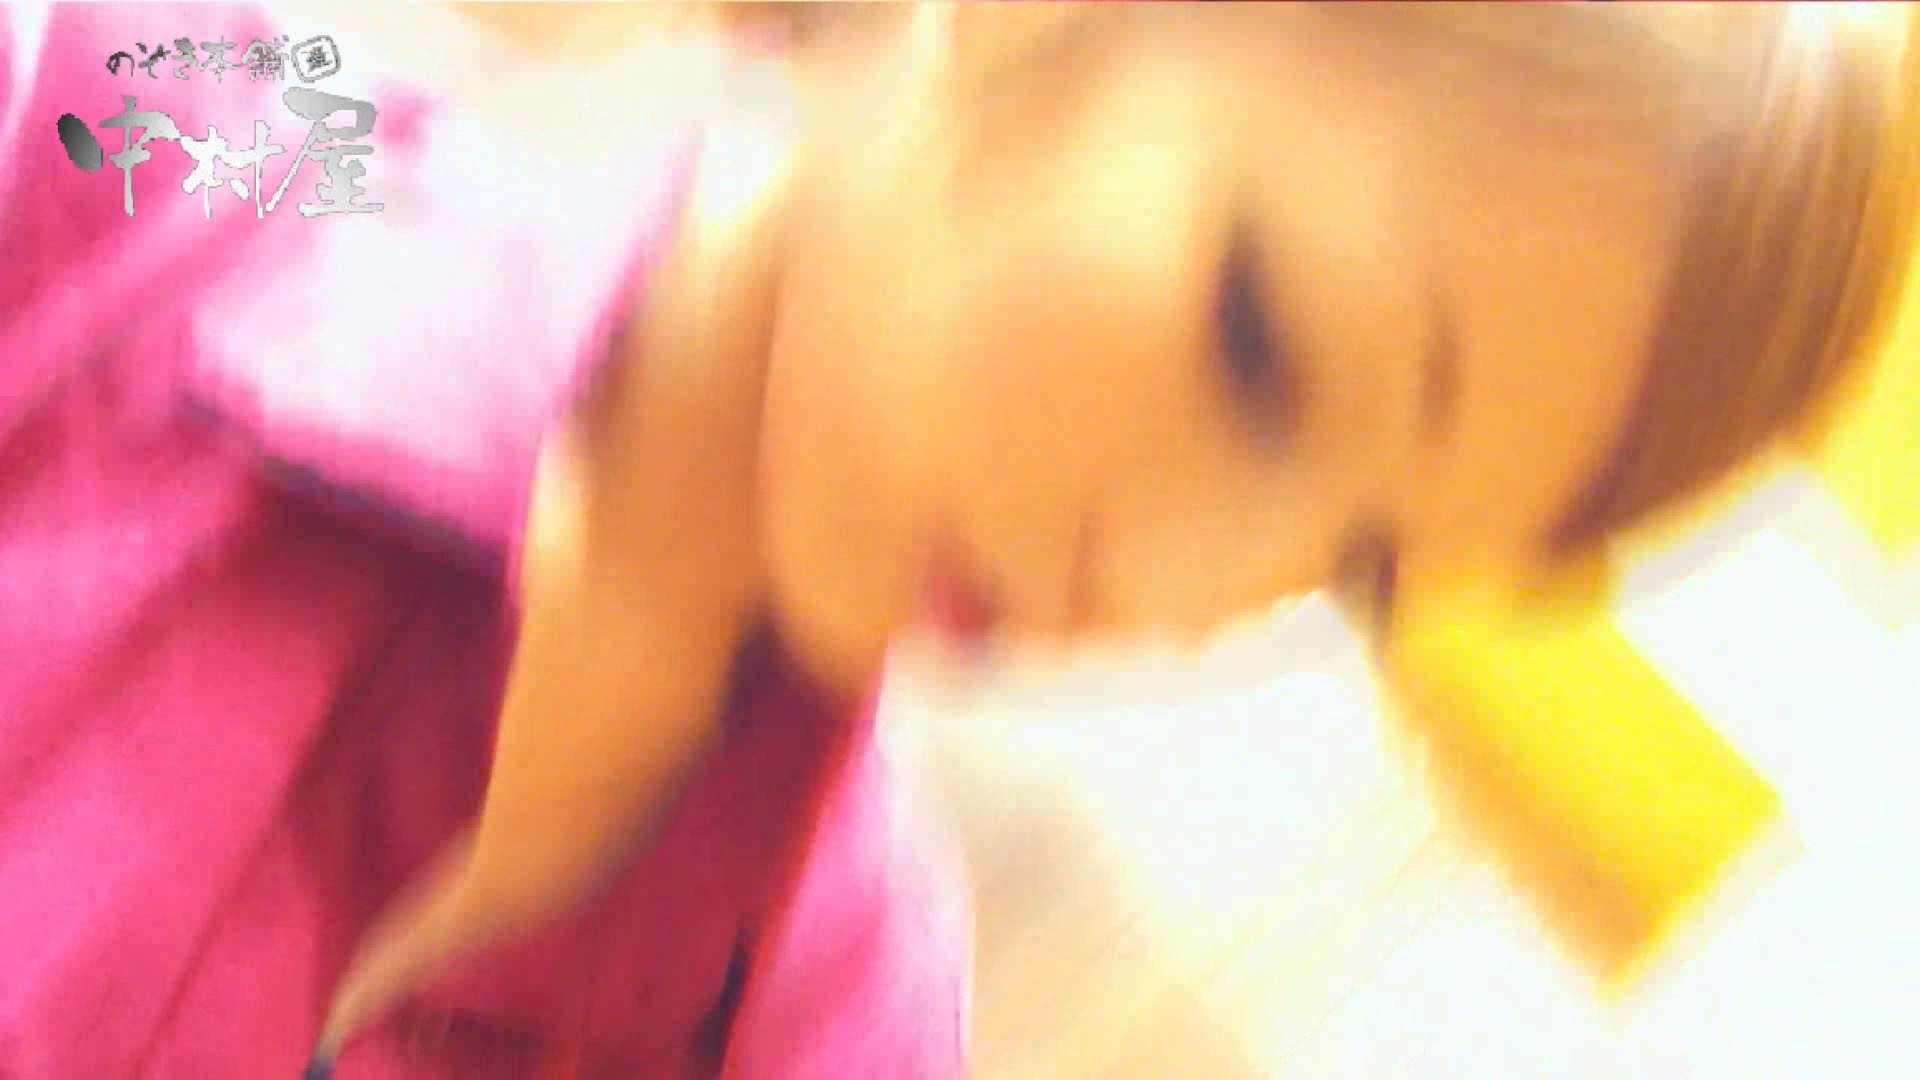 vol.48可愛いカリスマ店員胸チラ&パンチラ アニメ声の店員さん 接写 覗きオメコ動画キャプチャ 110画像 58